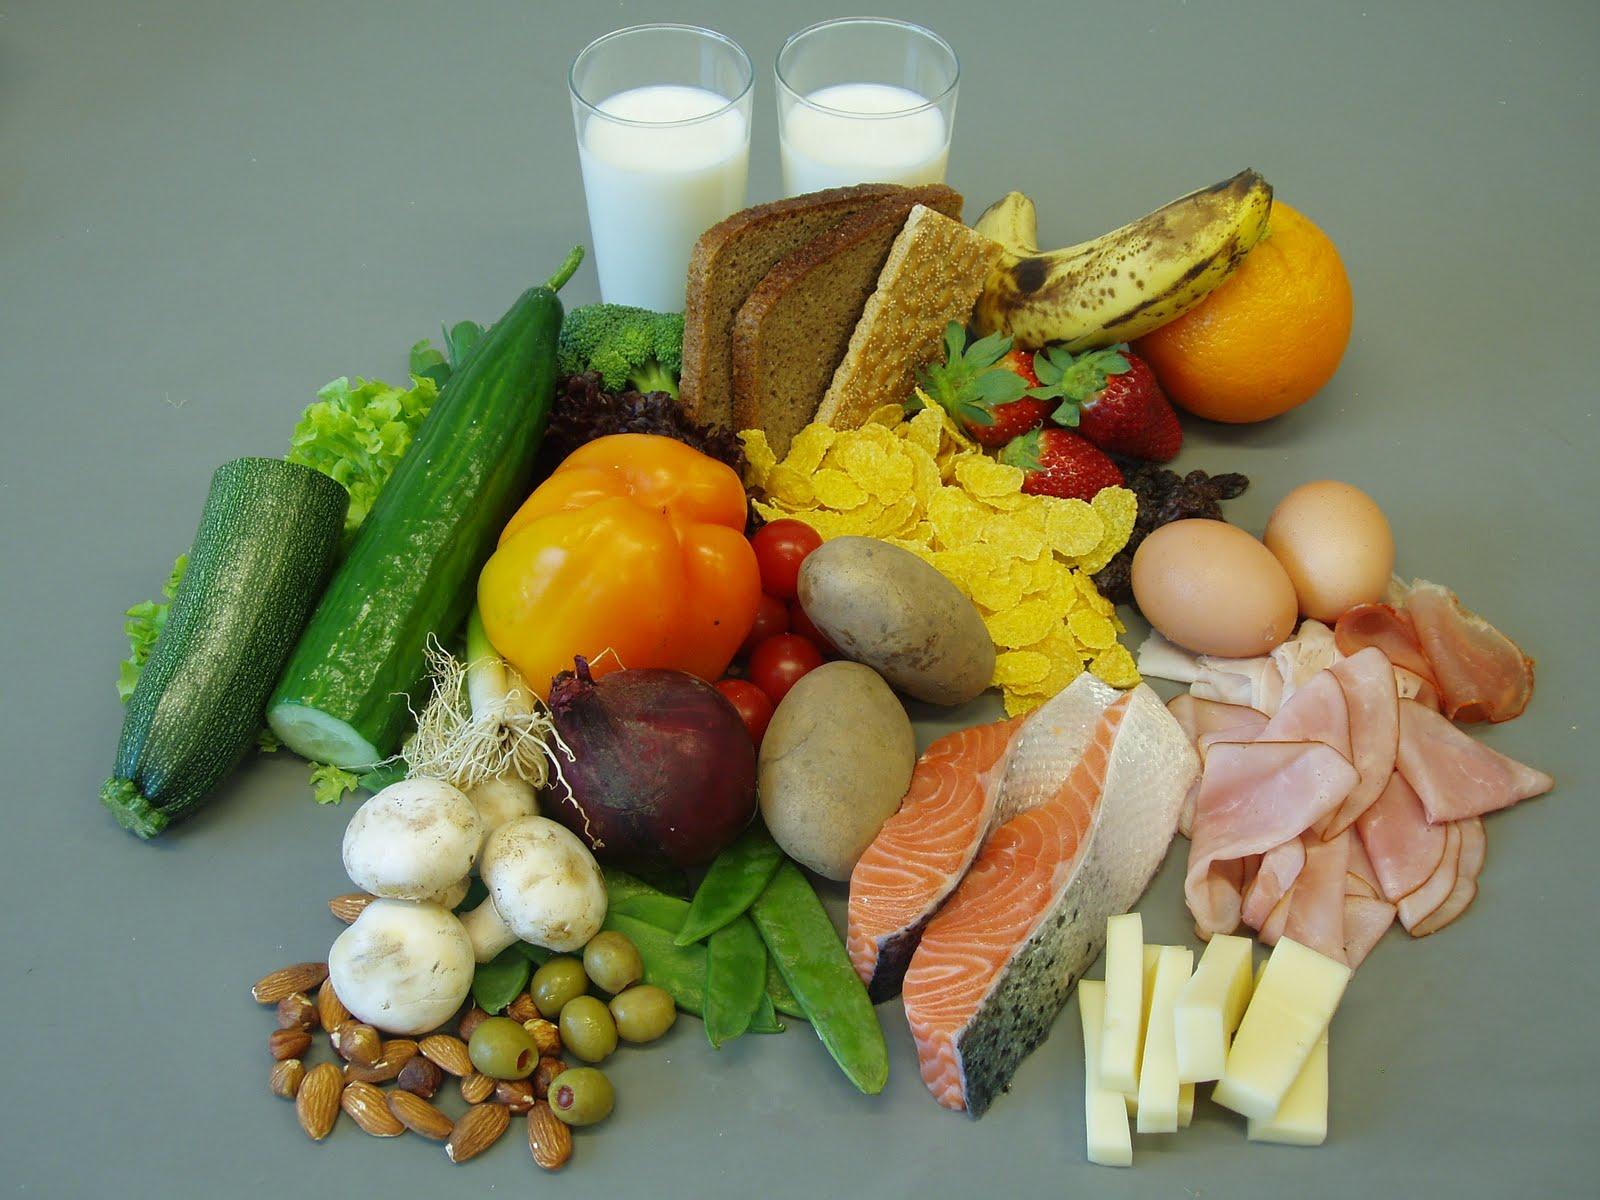 Что Есть На Протеиновой Диете. Меню для быстрого похудения на белковой диете, польза и противопоказания